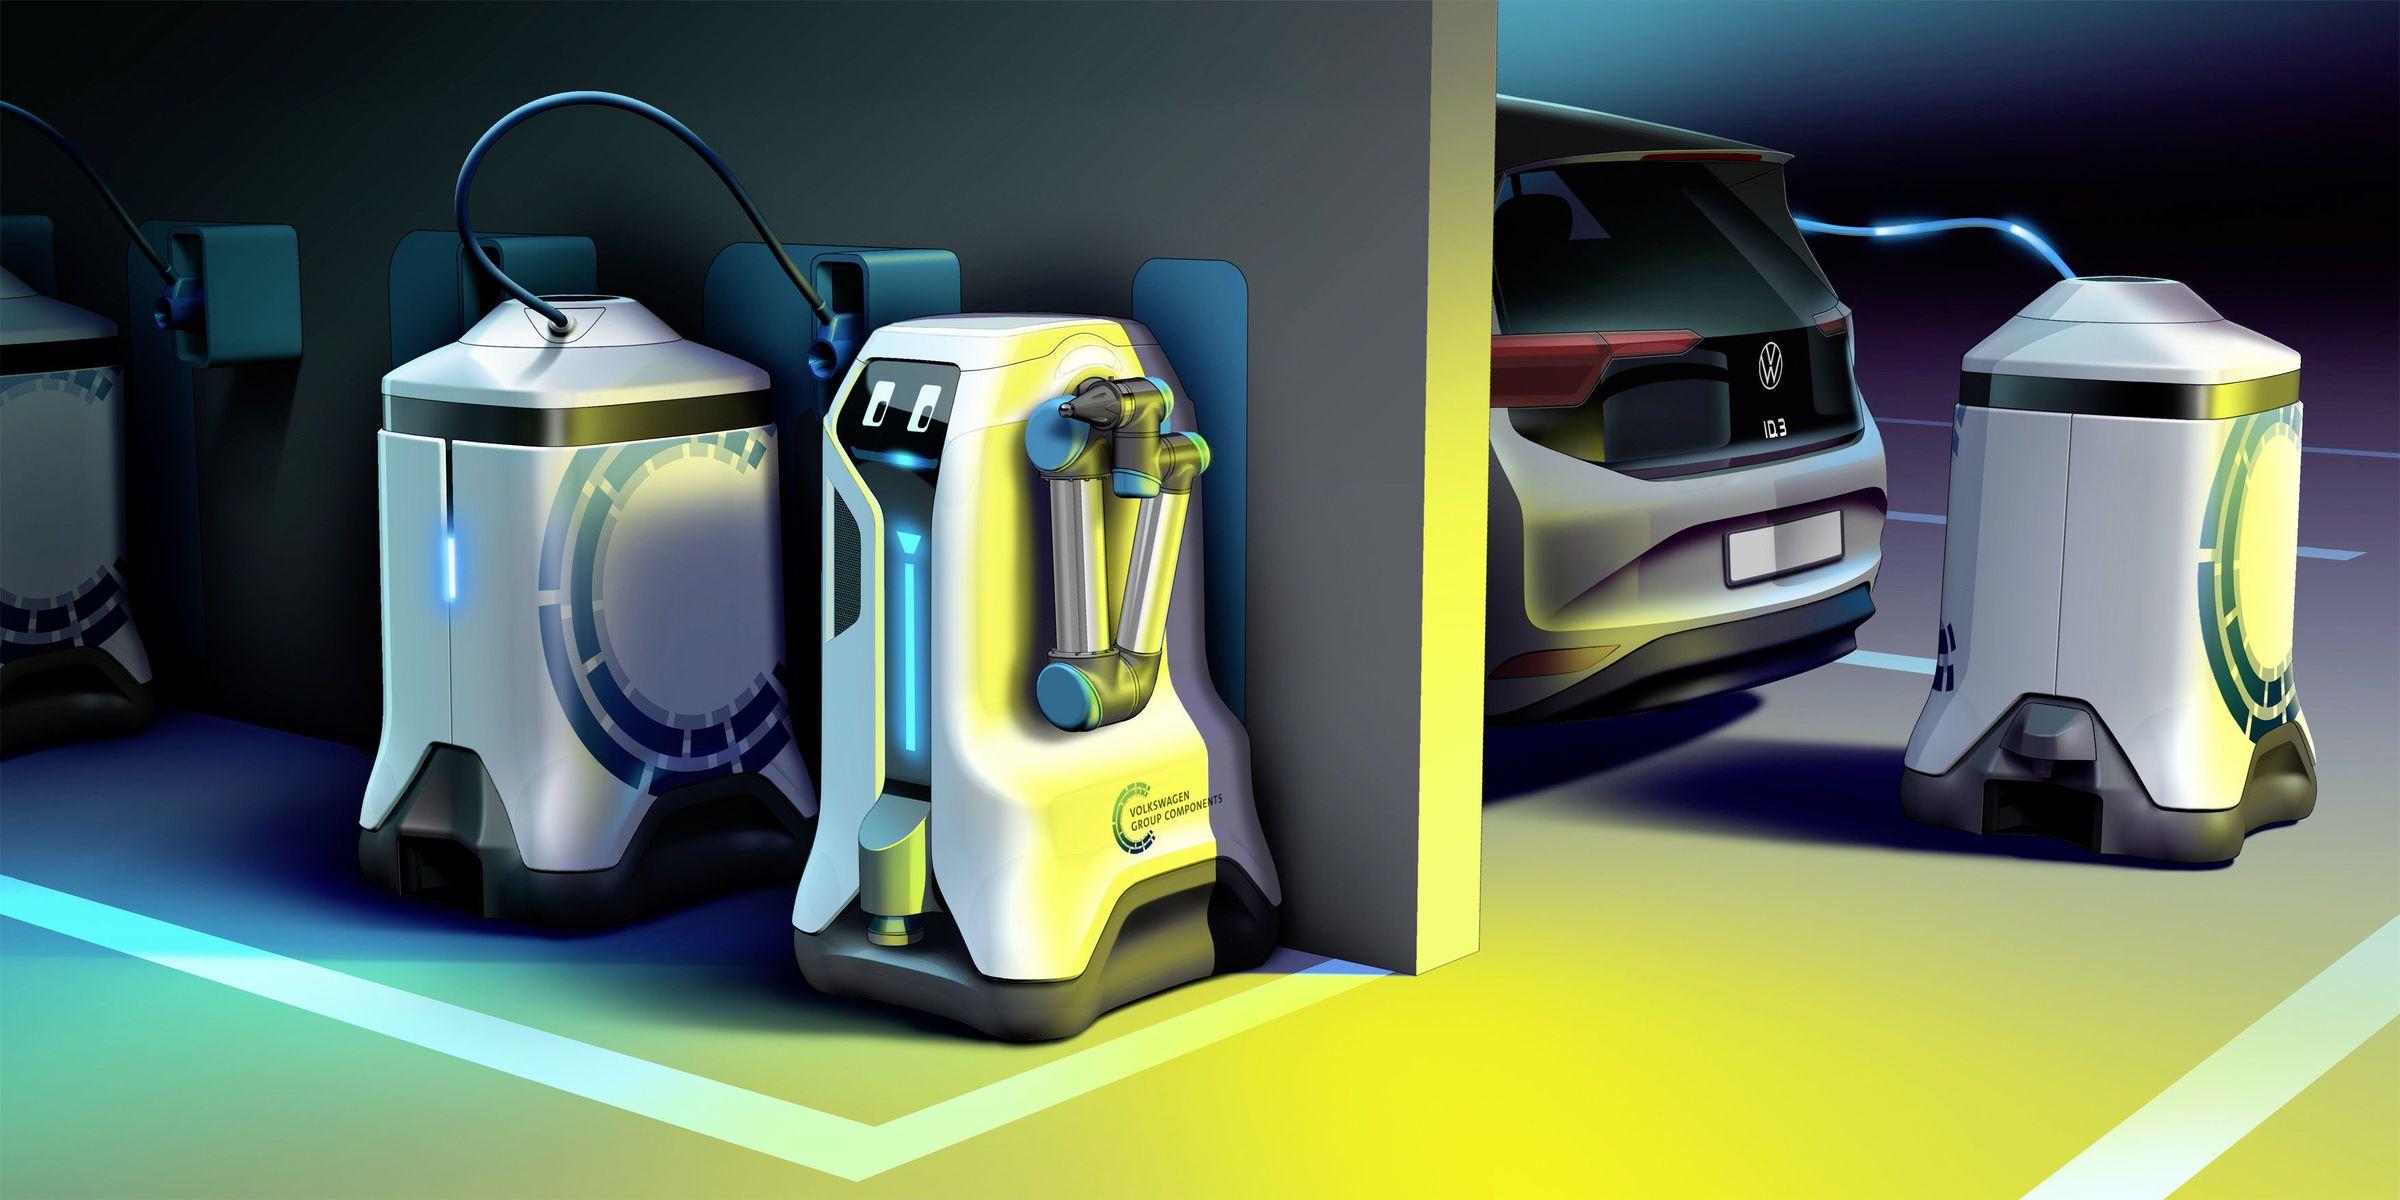 Volkswagen imagine un robot mobile pour charger les véhicules électriques